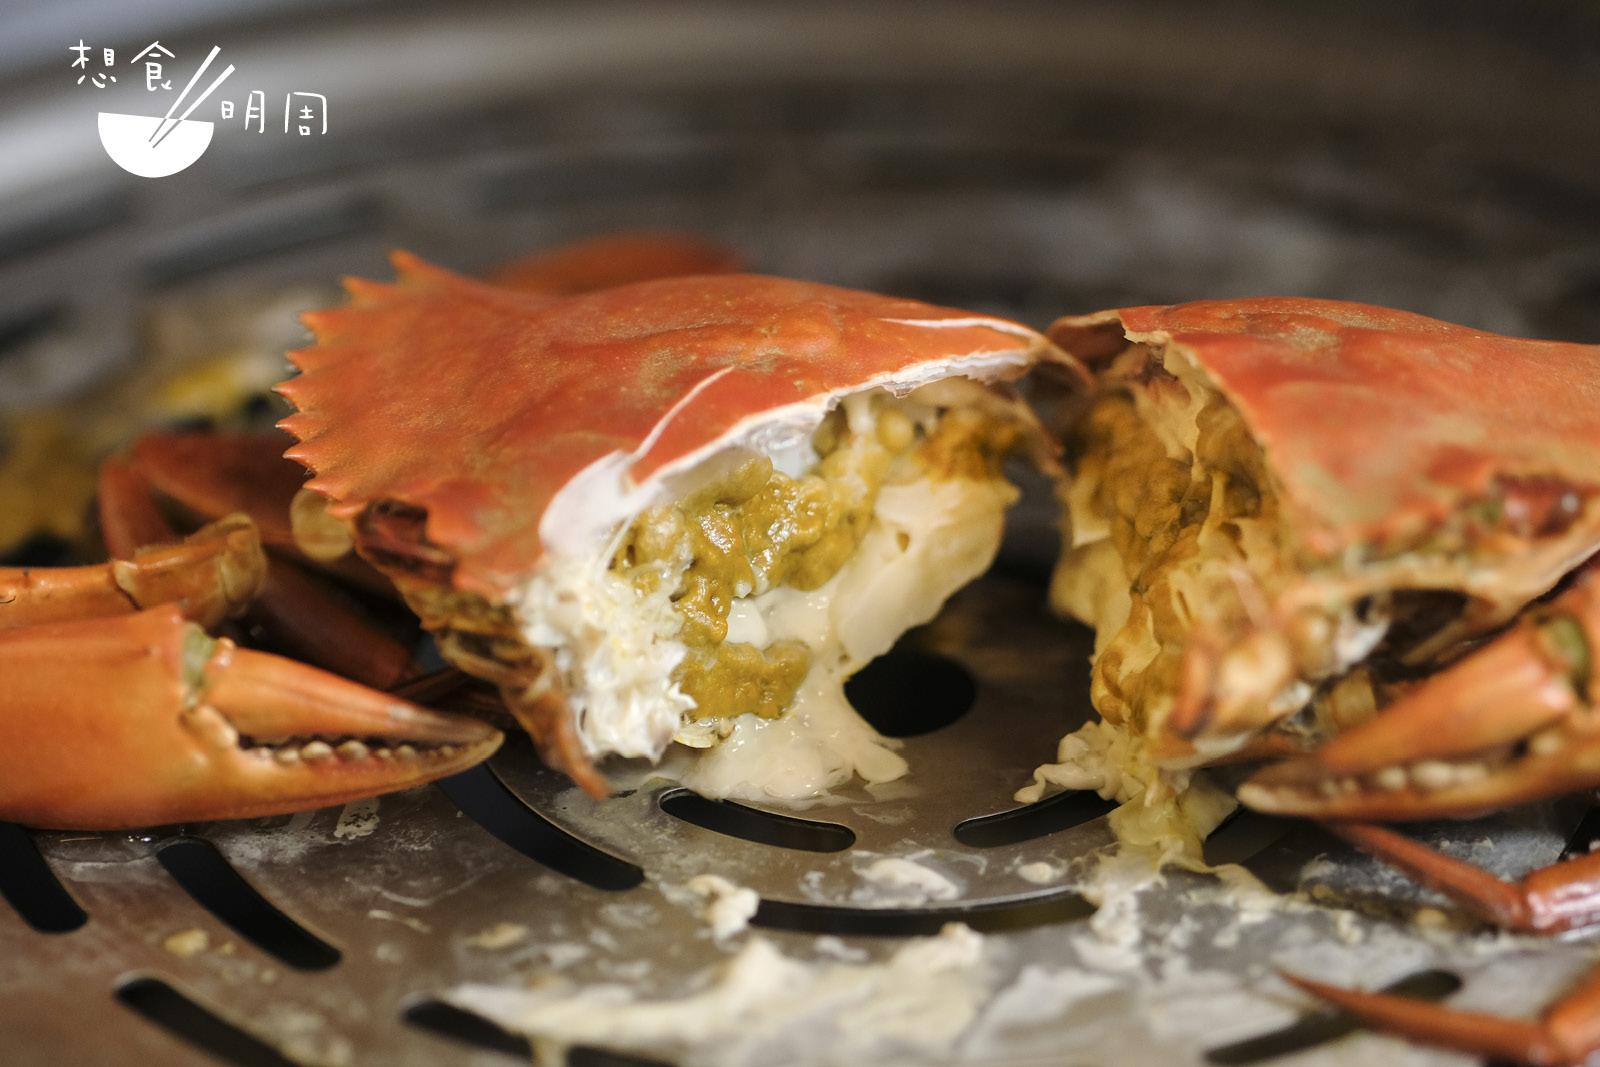 因為餐廳老闆是海鮮批發商,所以才能拿到較大隻的菲律賓大黃奄蟹。